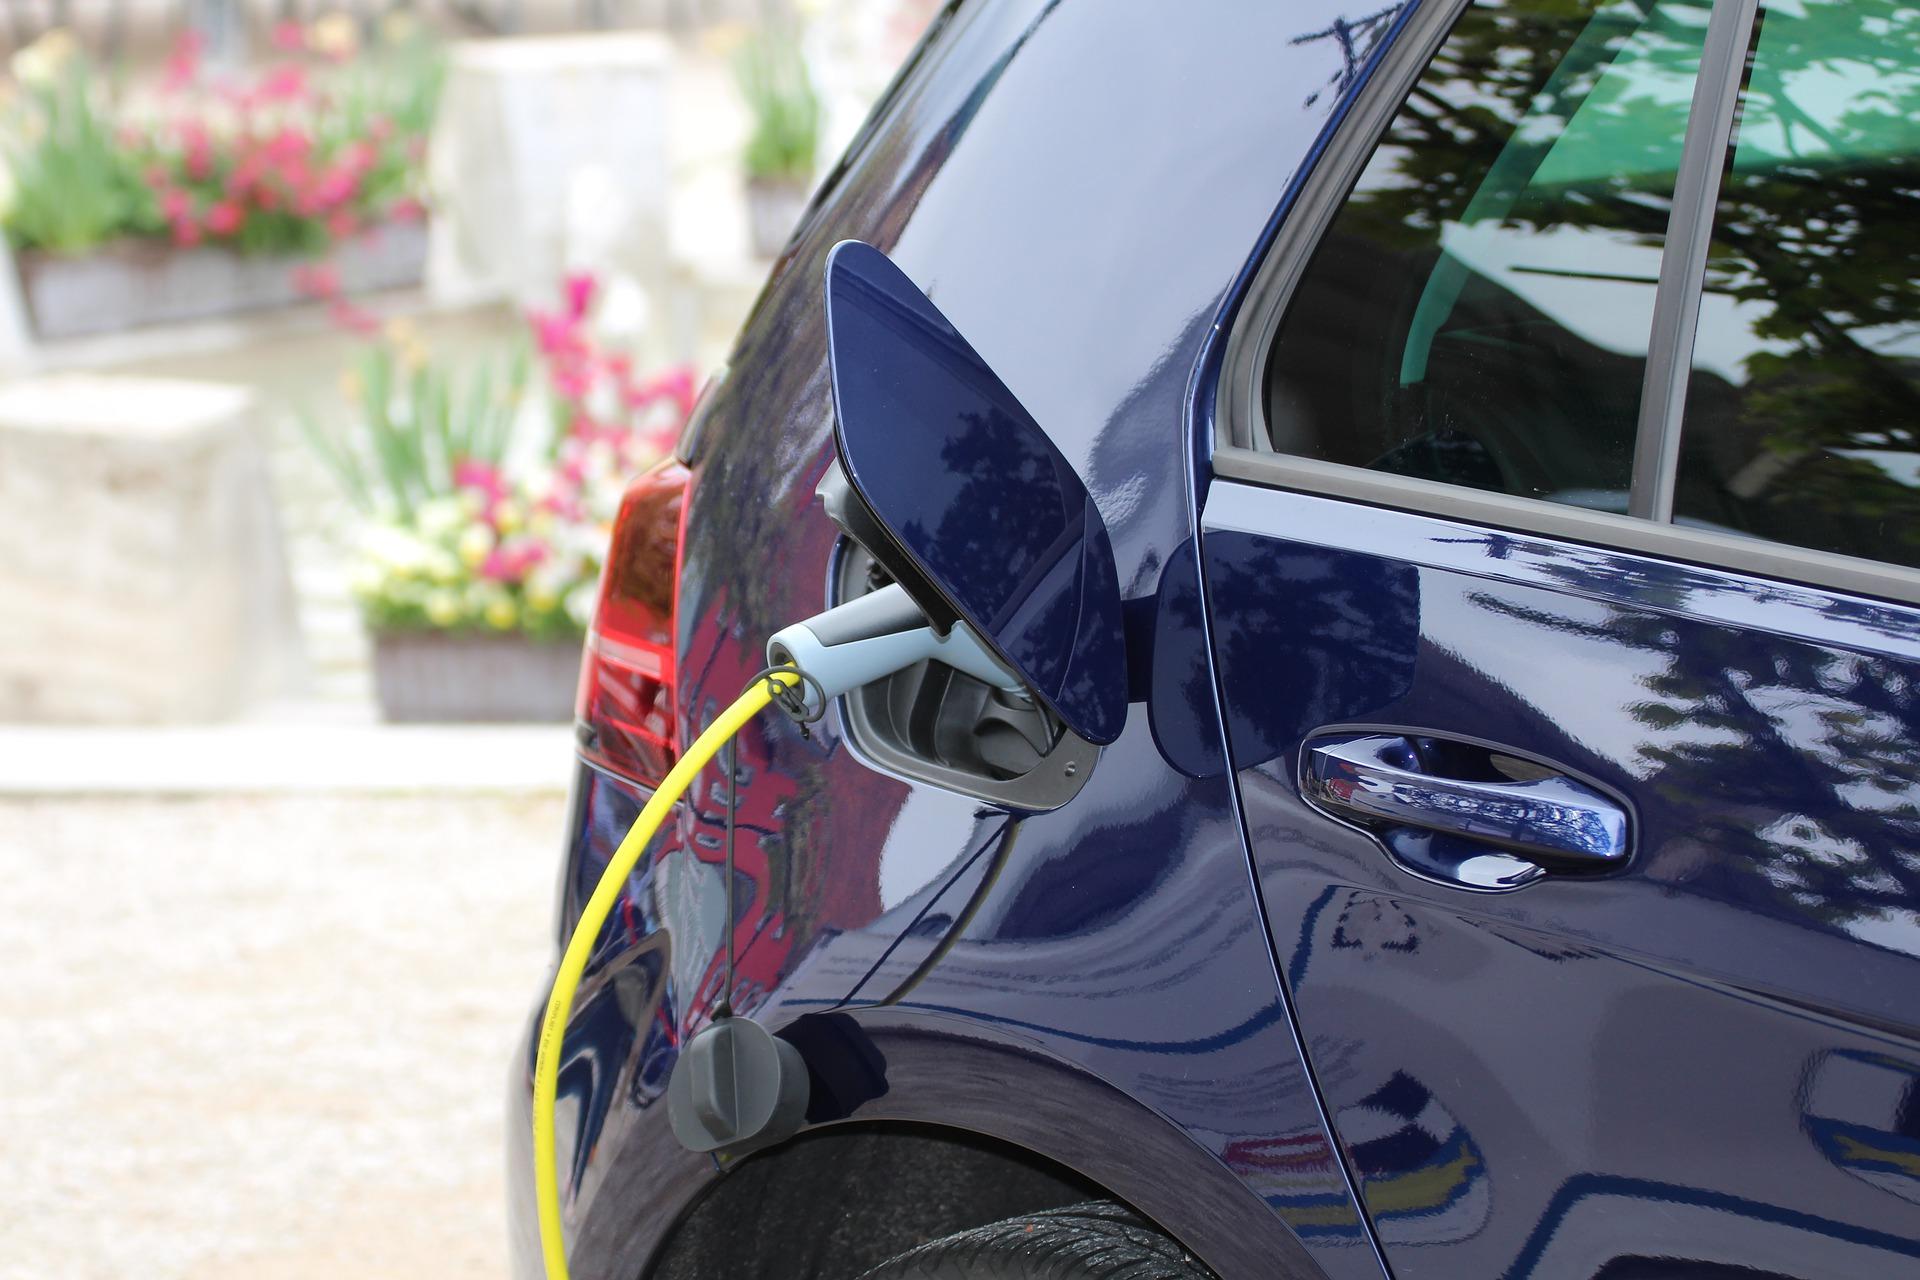 Ein dunkleblaues Elektroauto tankt gerade Strom.